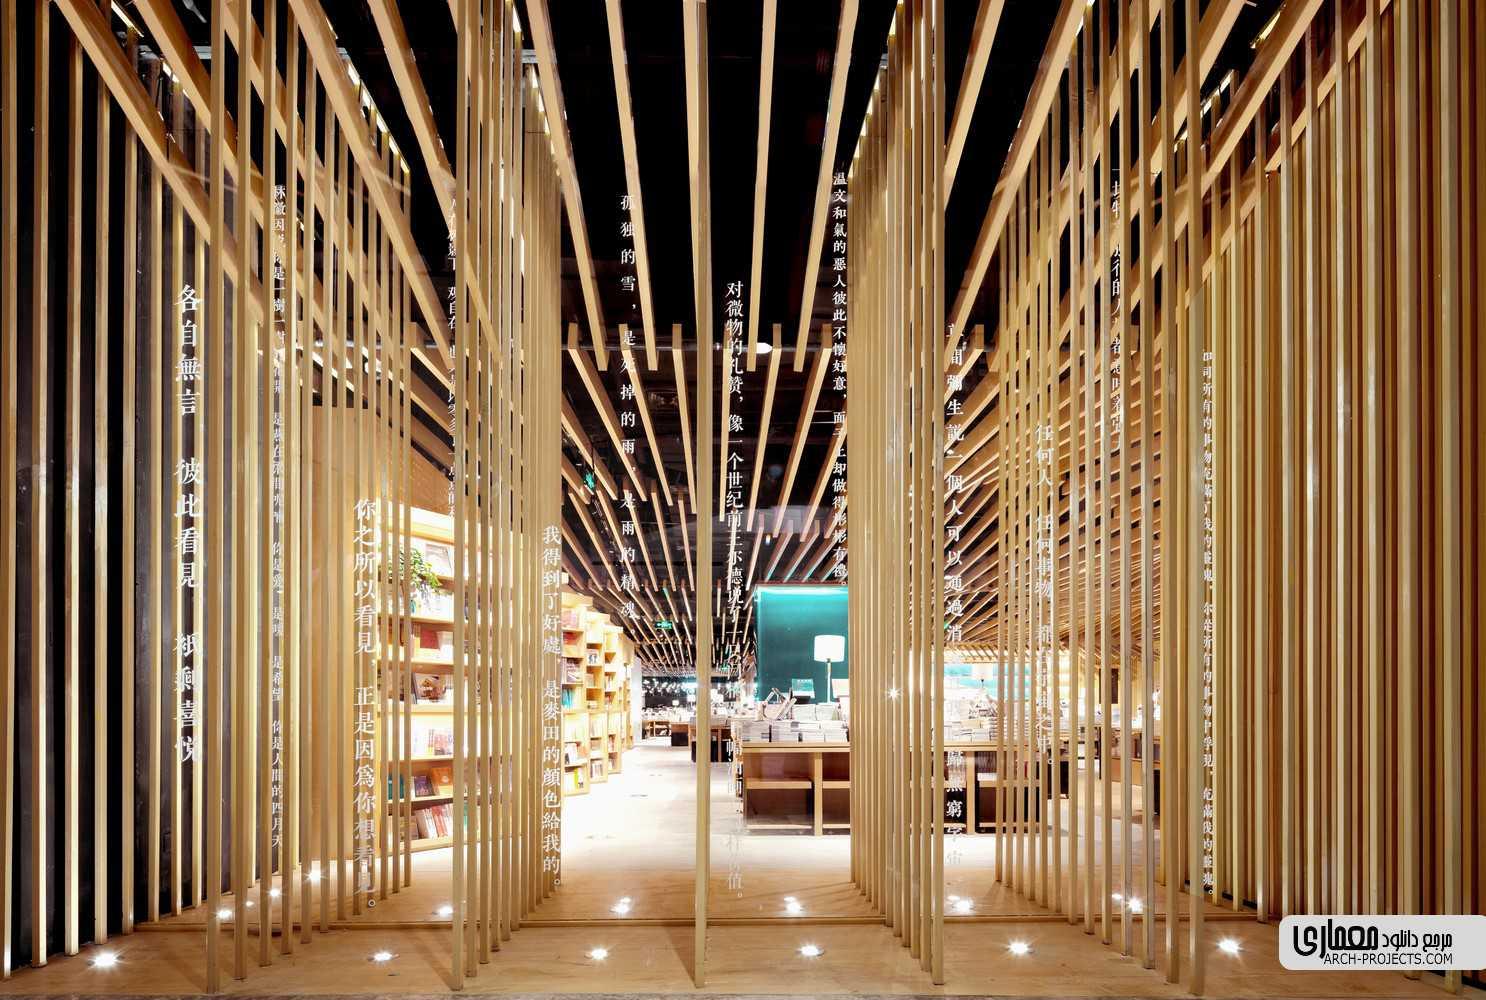 ایده طراحی کتابفروشی